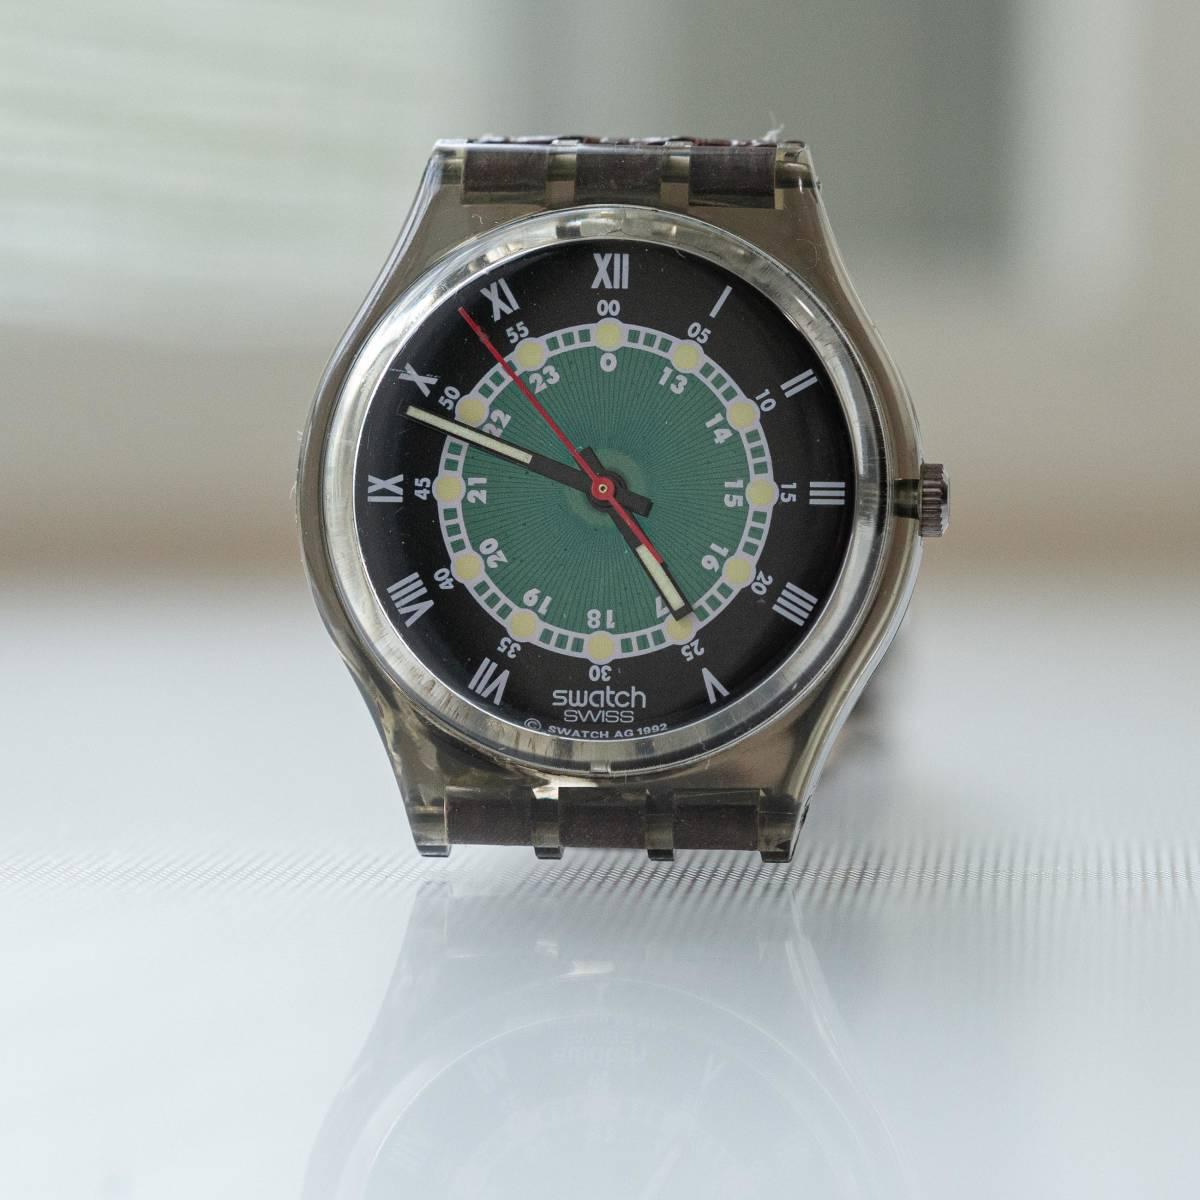 スウォッチ Swatch 純正革ベルトと 蛇腹ベルトのセット 電池交換済_画像2